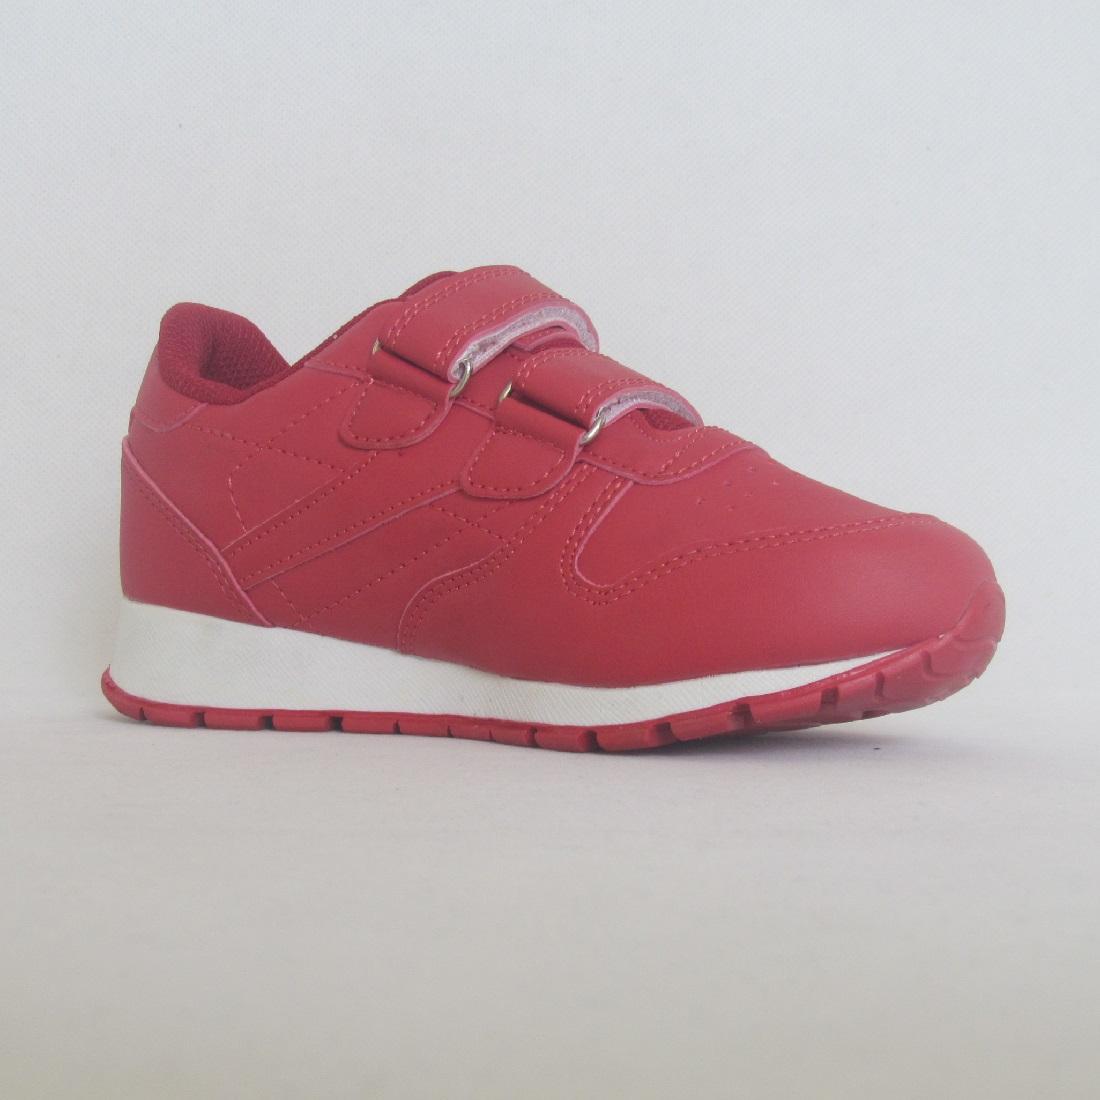 کفش مخصوص پیاده روی ویکو مدل 938.149 -  - 4